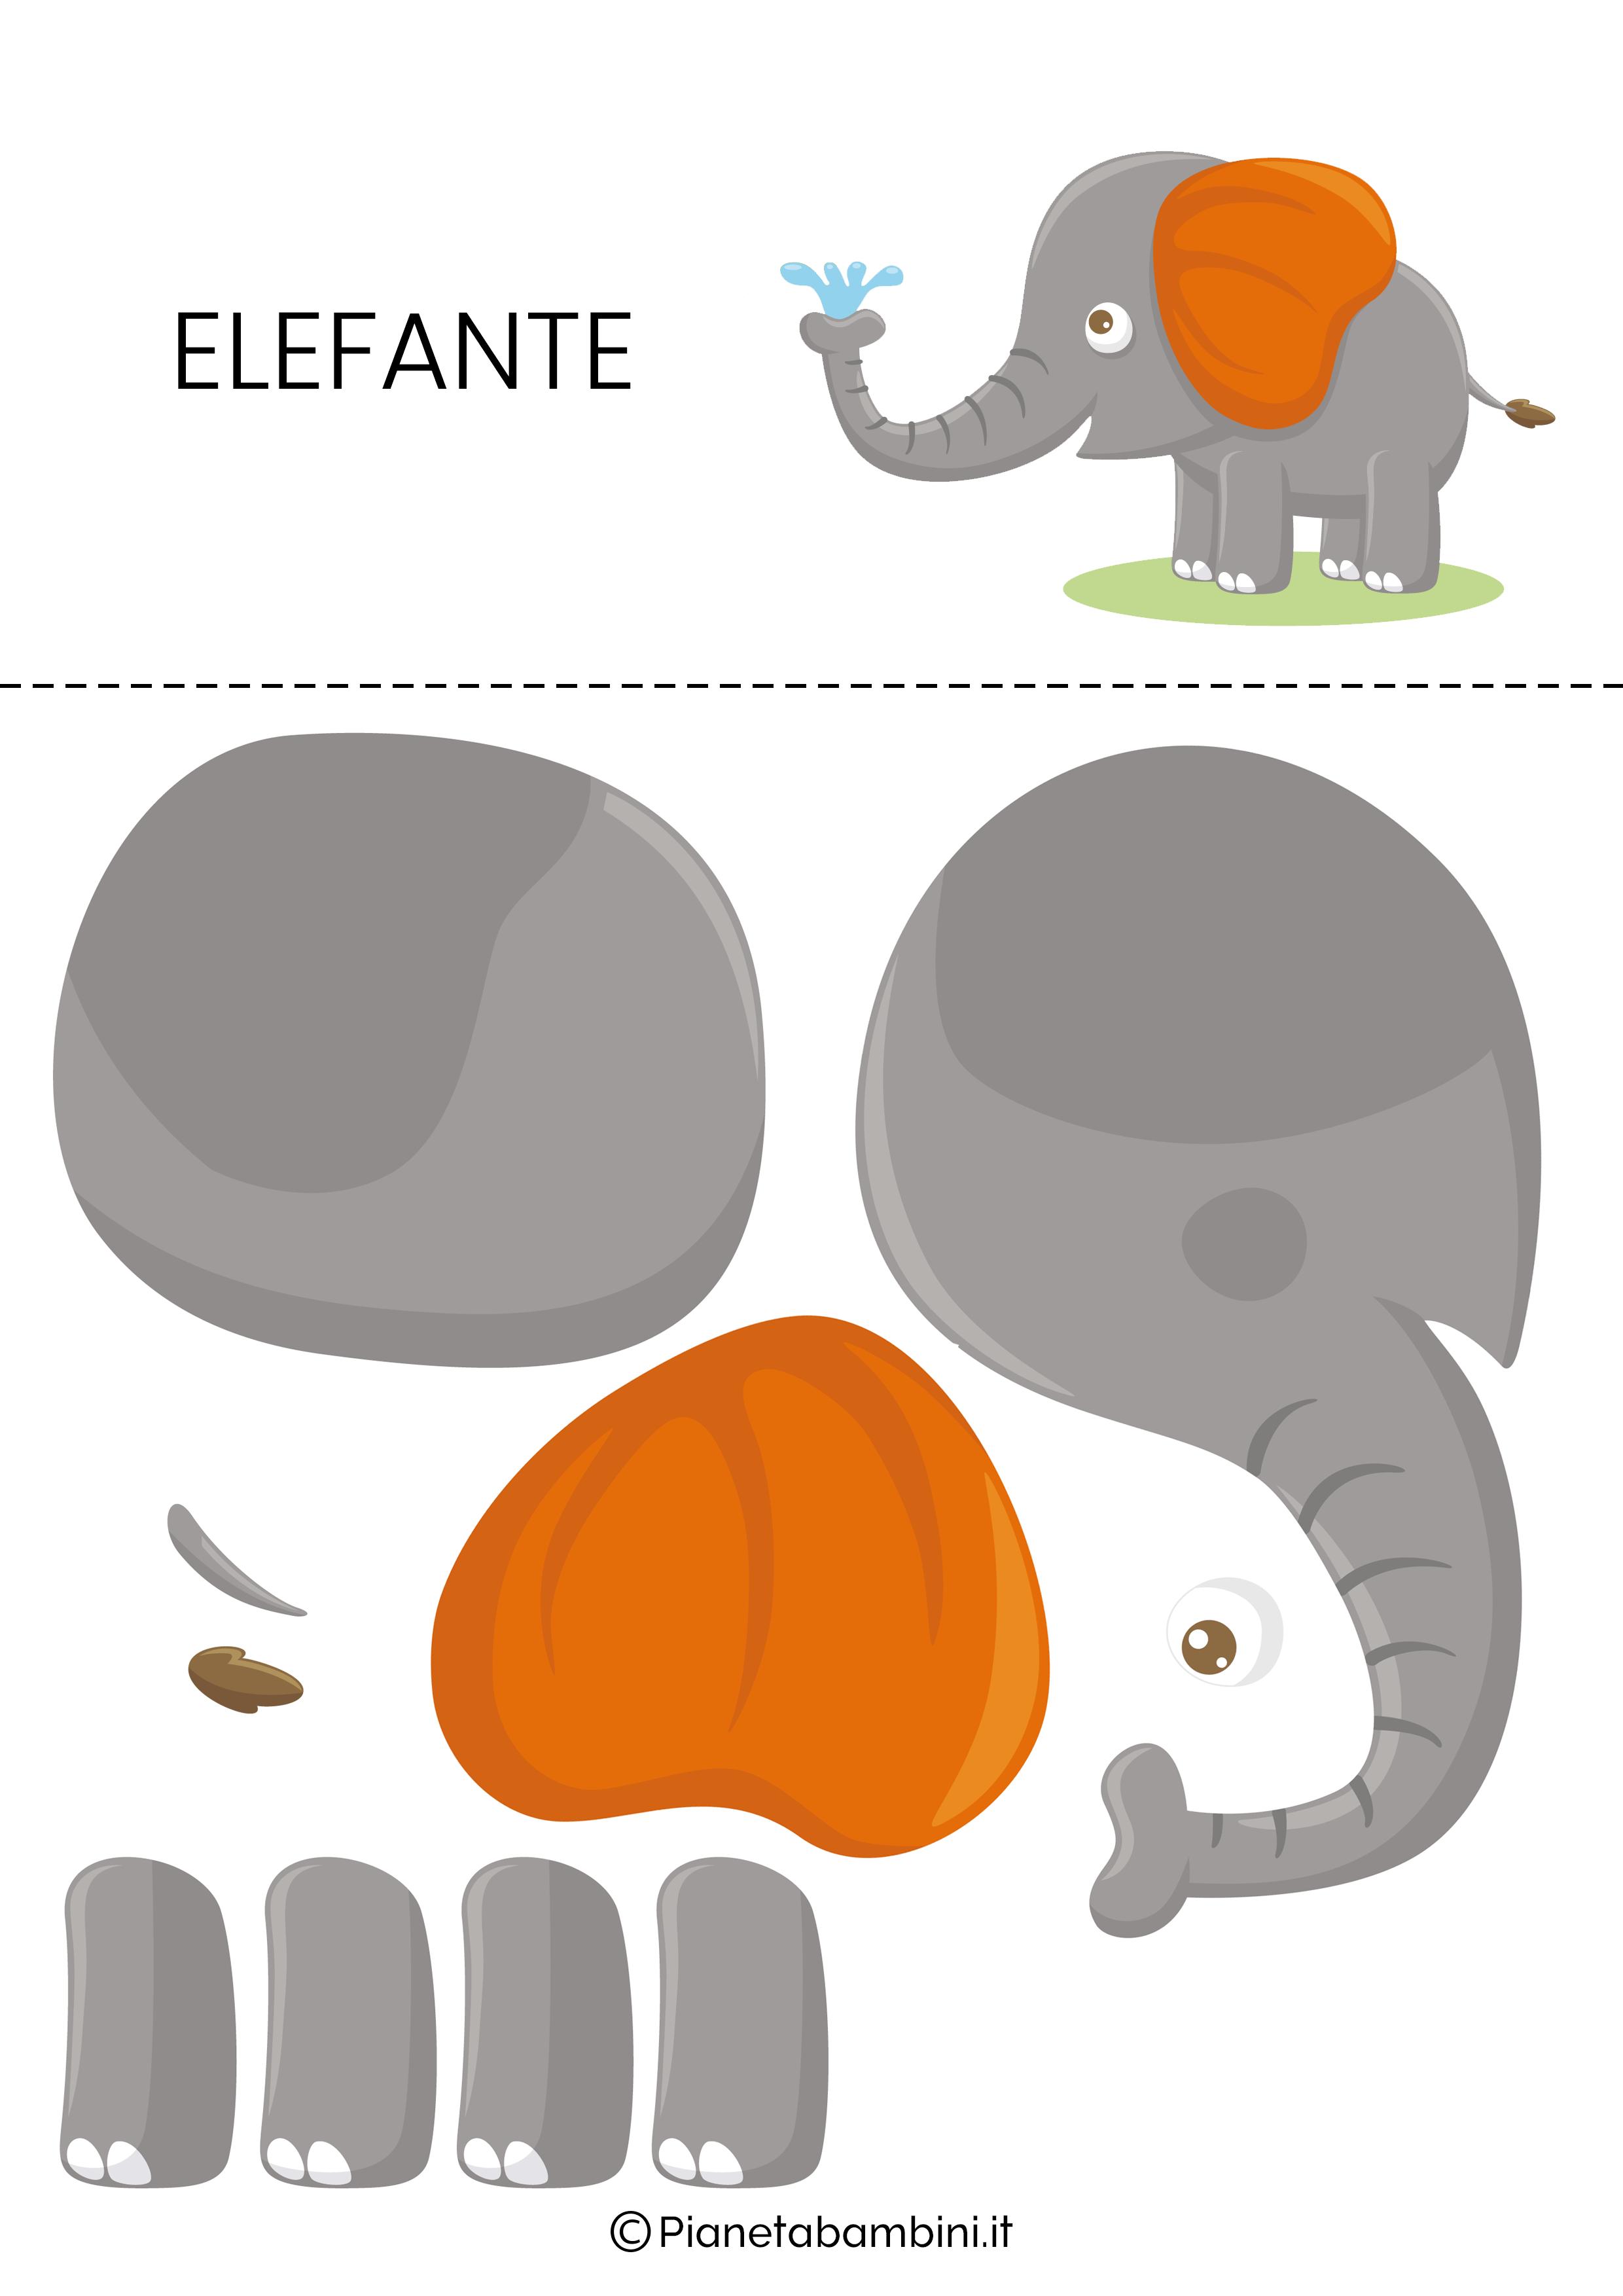 Puzzle da ritagliare e ricomporre sull'elefante